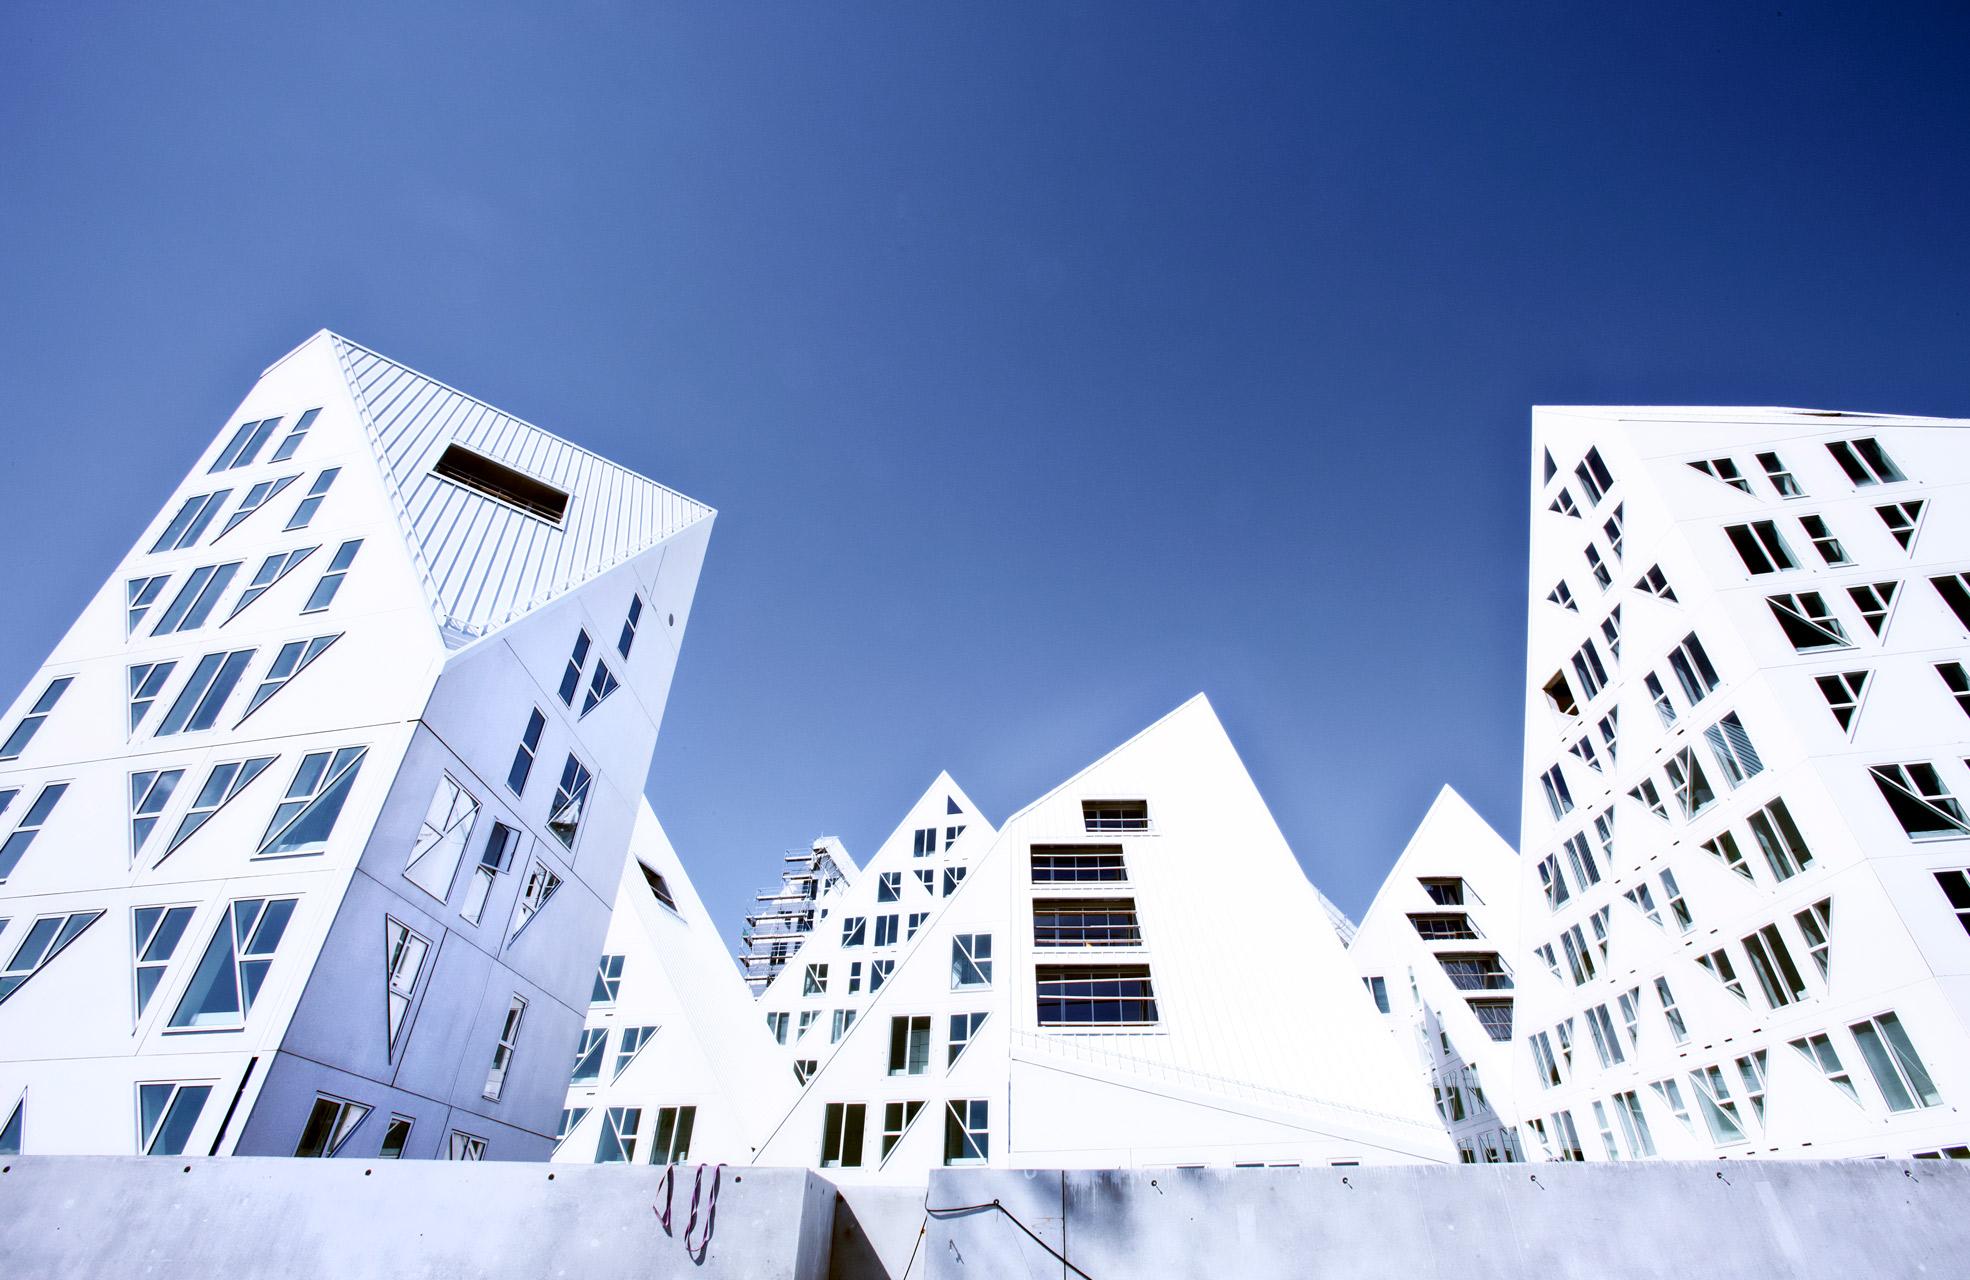 Isbjerget, lejeligheder, arkitekturfotograf, københavn